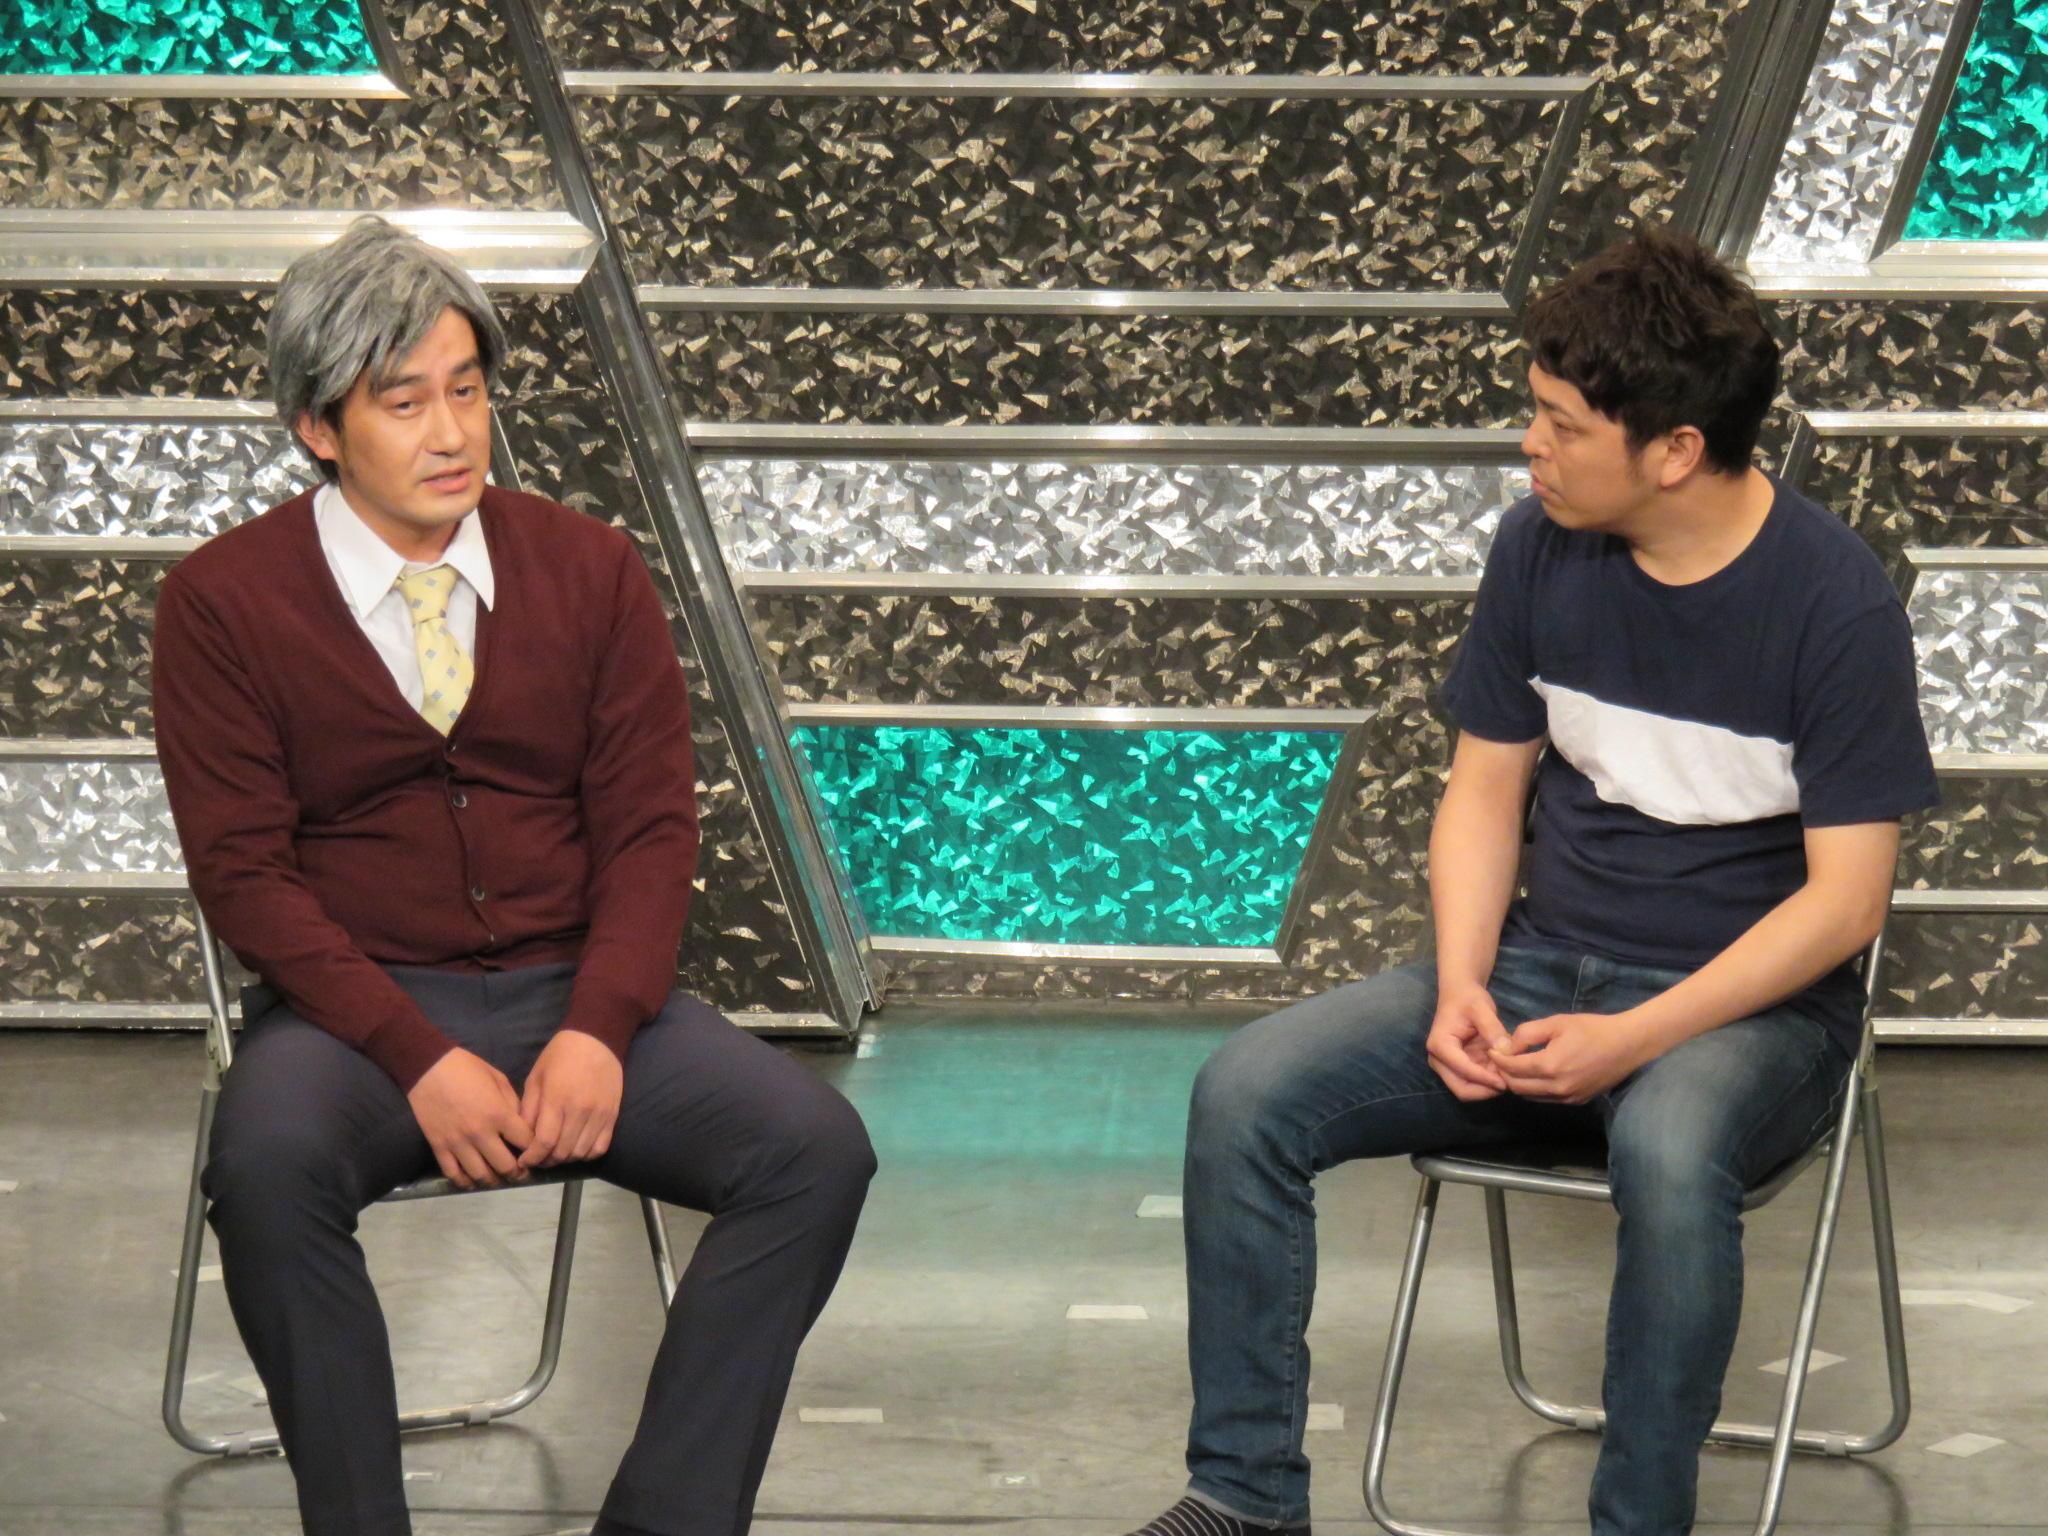 http://news.yoshimoto.co.jp/20160531174929-a991a9ecf6e9204d676c94555876090a742c9acd.jpg